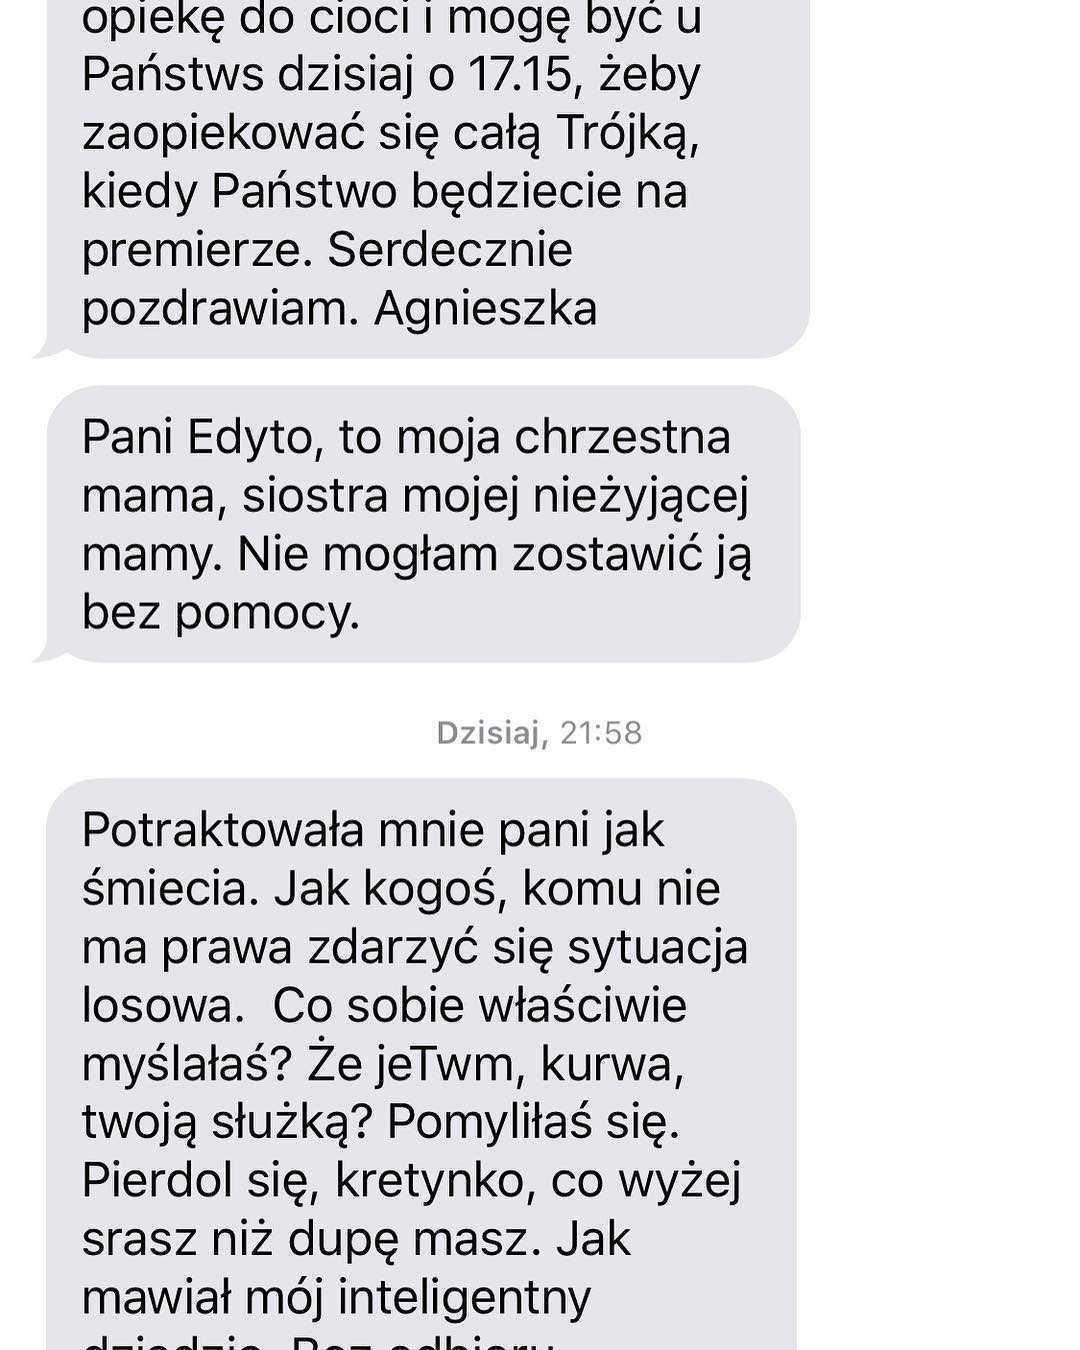 Edyta Pazura publikuje SMS-y od opiekunki